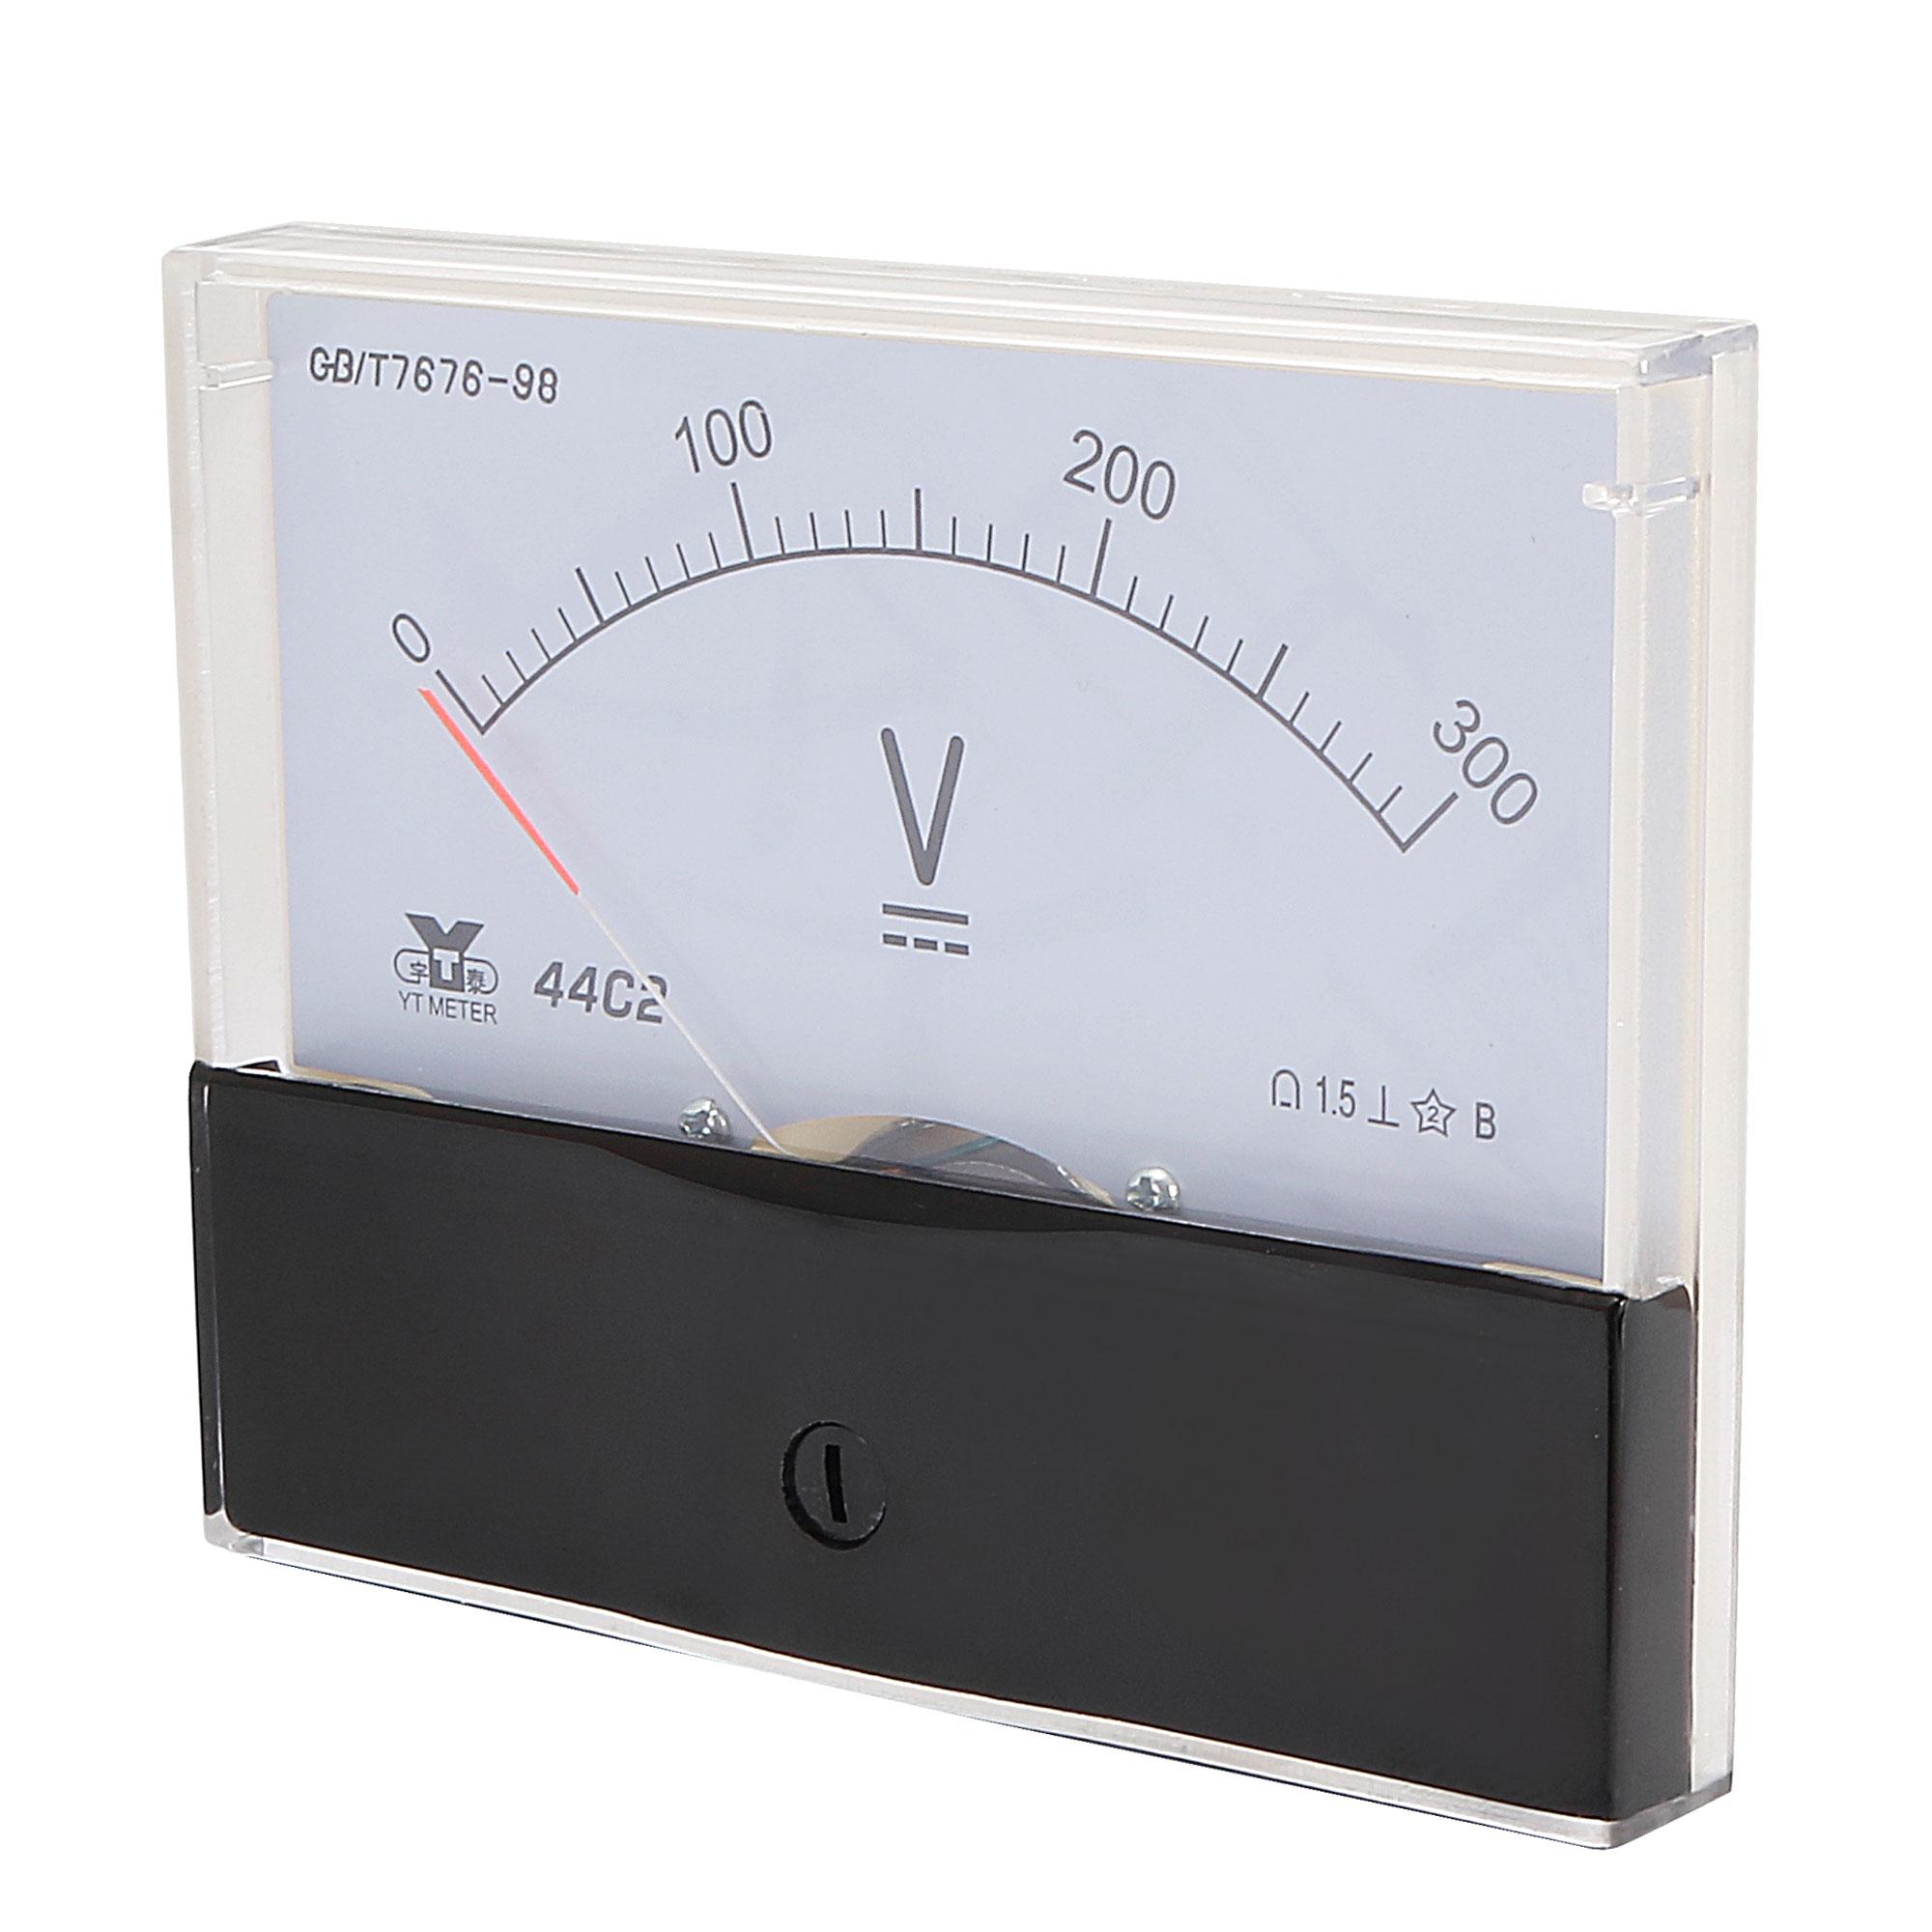 Rectangle Measurement Tool Analog Panel Voltmeter Volt Meter DC 0 - 300V Measuring Range 44C2